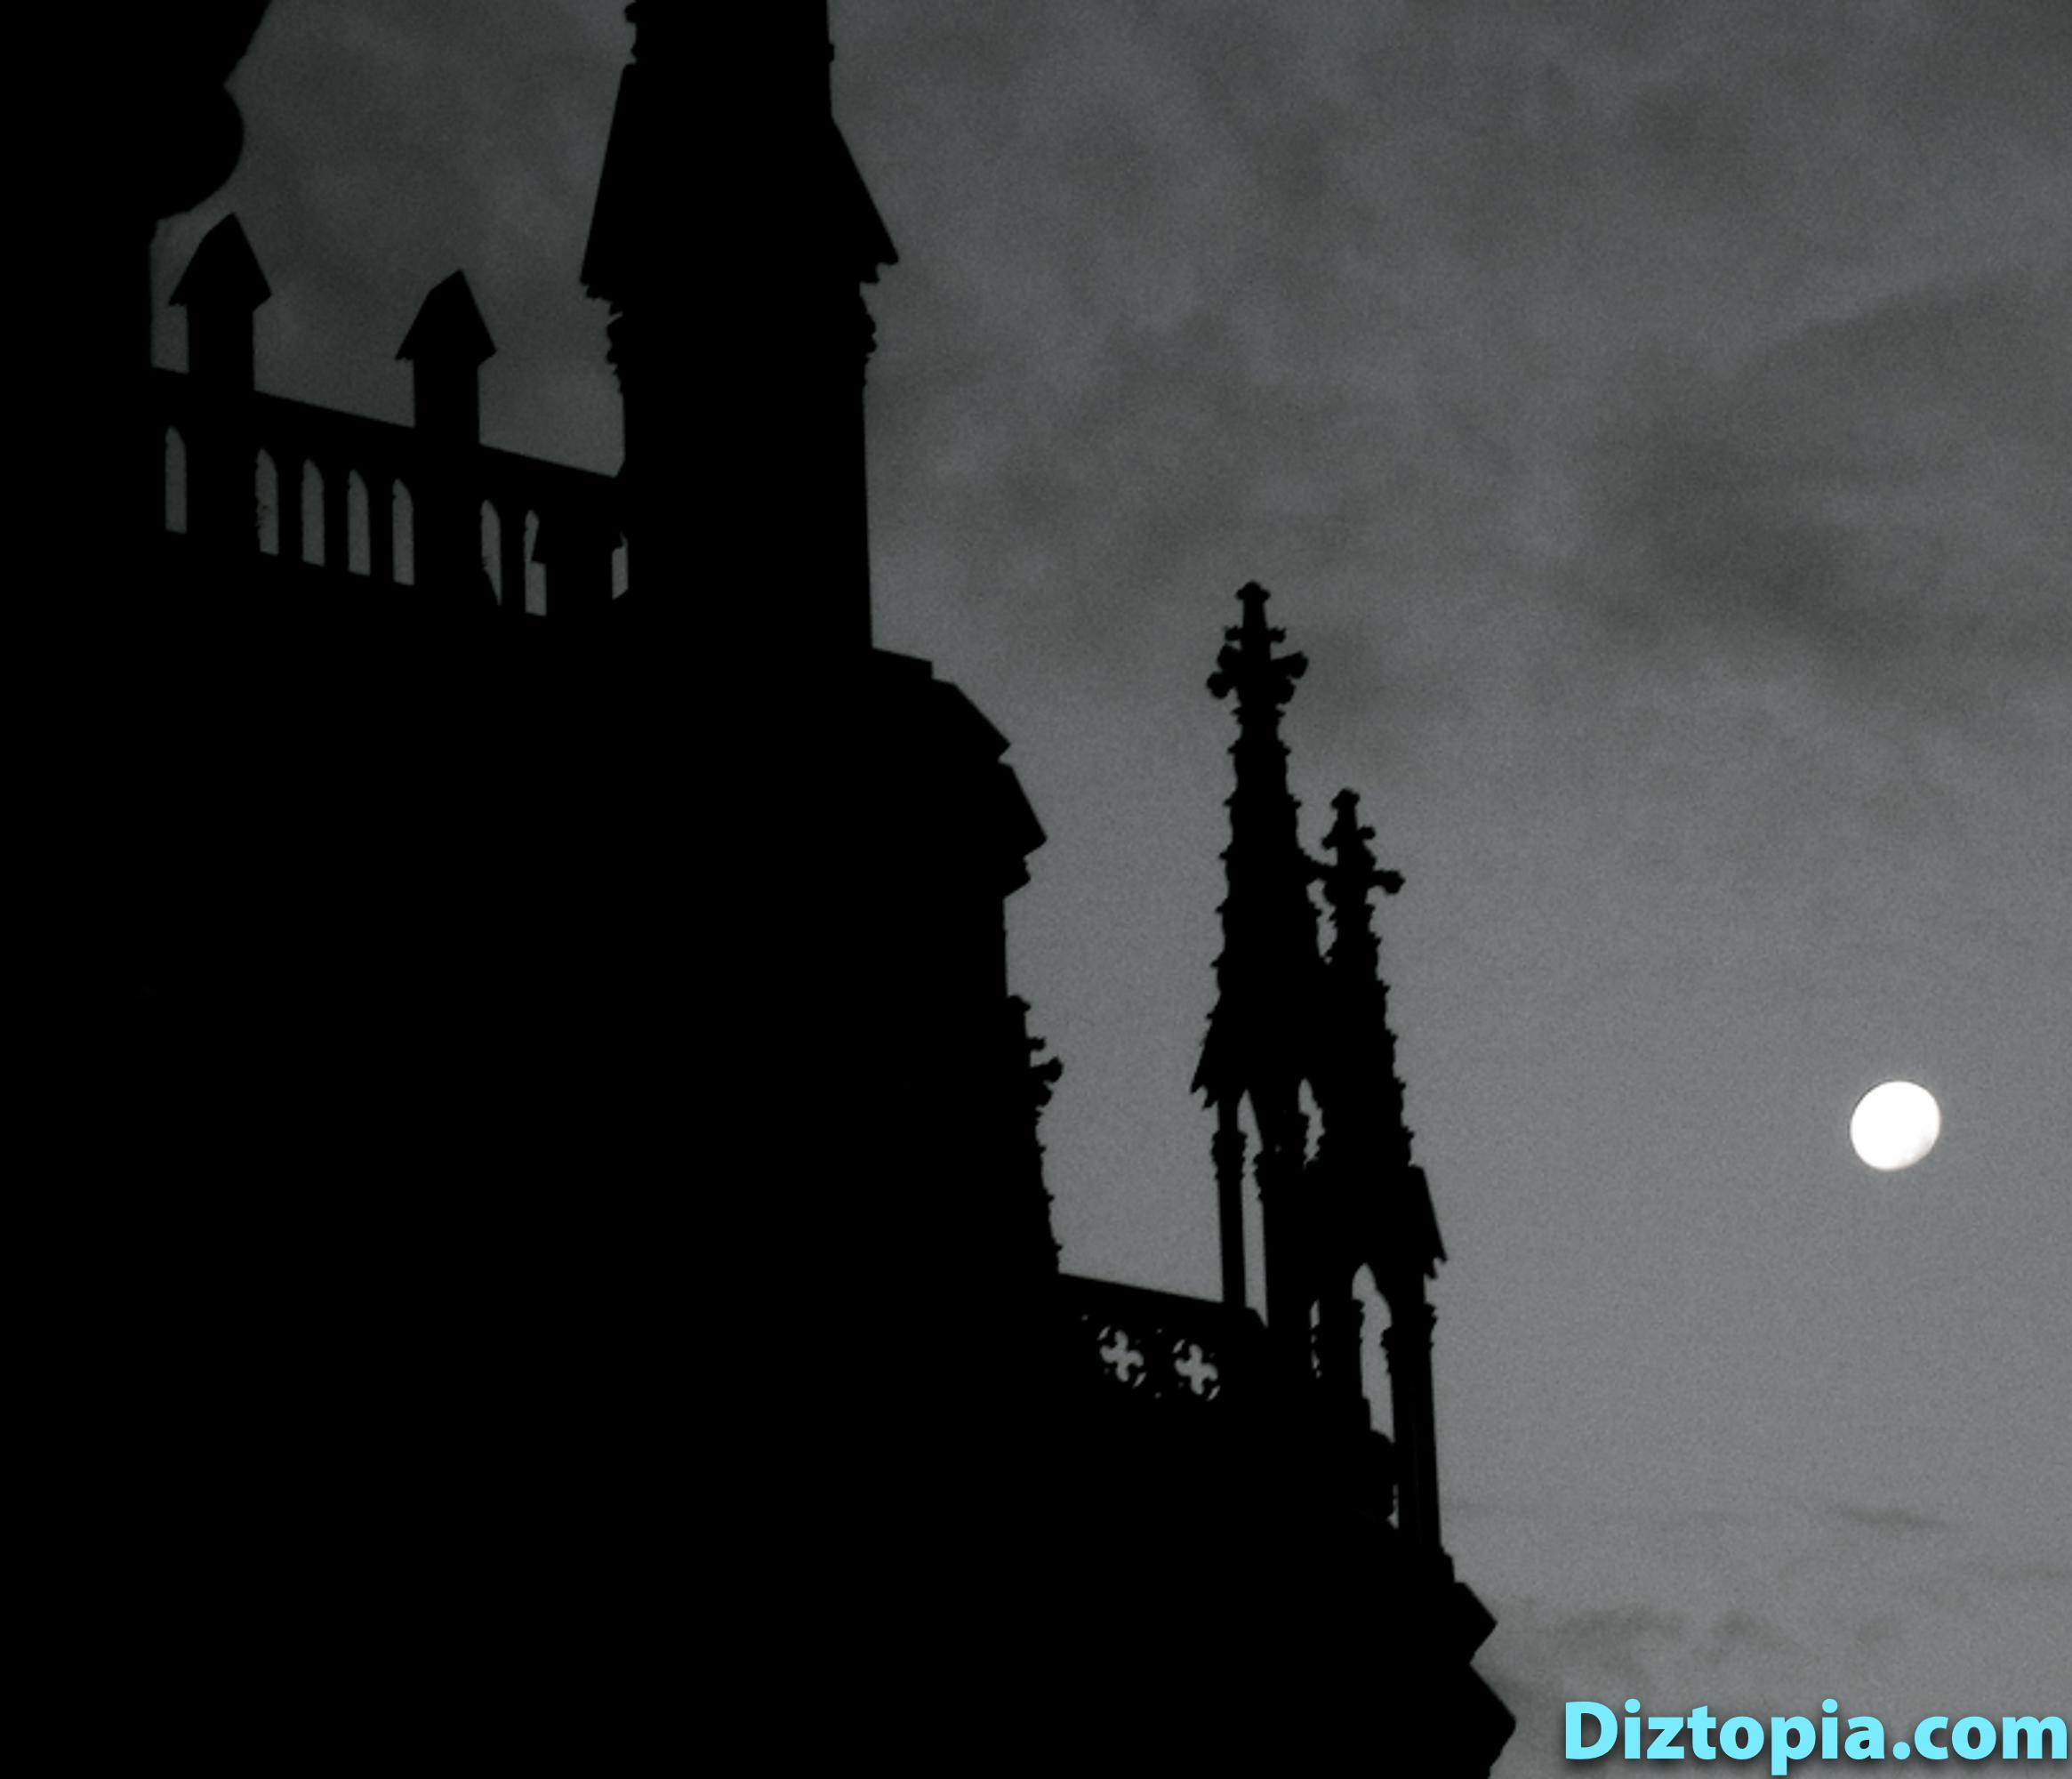 diztopia-com-dizma_dahl-photography-digicam-45